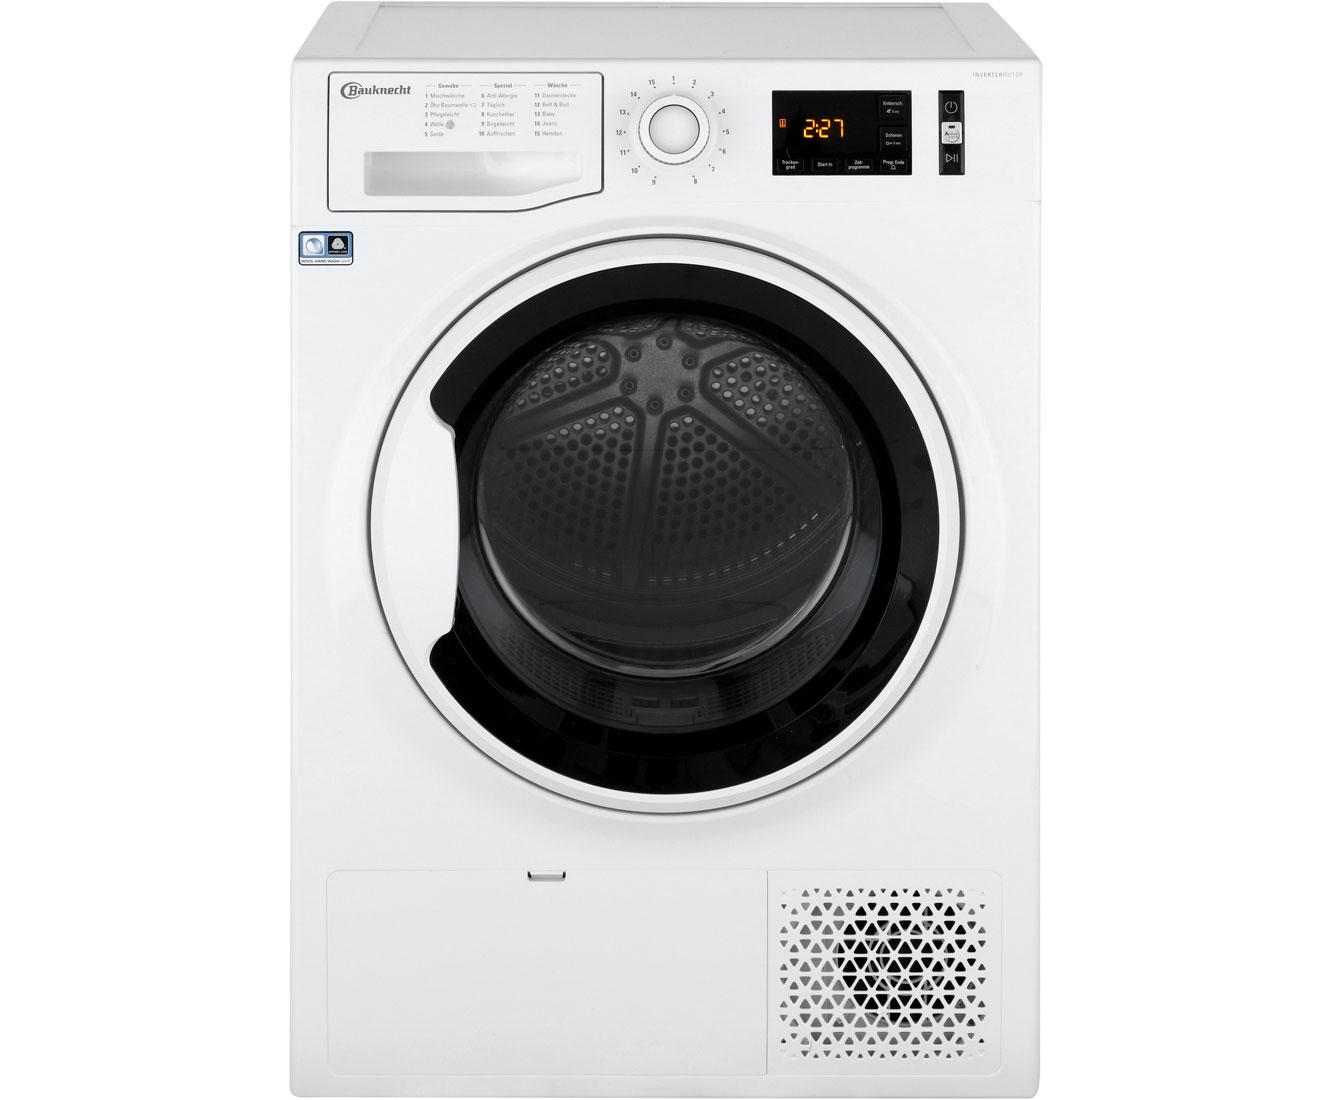 Bauknecht T SOFT M11 82WK DE Wärmepumpentrockner - Weiss | Bad > Waschmaschinen und Trockner | Weiss | Bauknecht